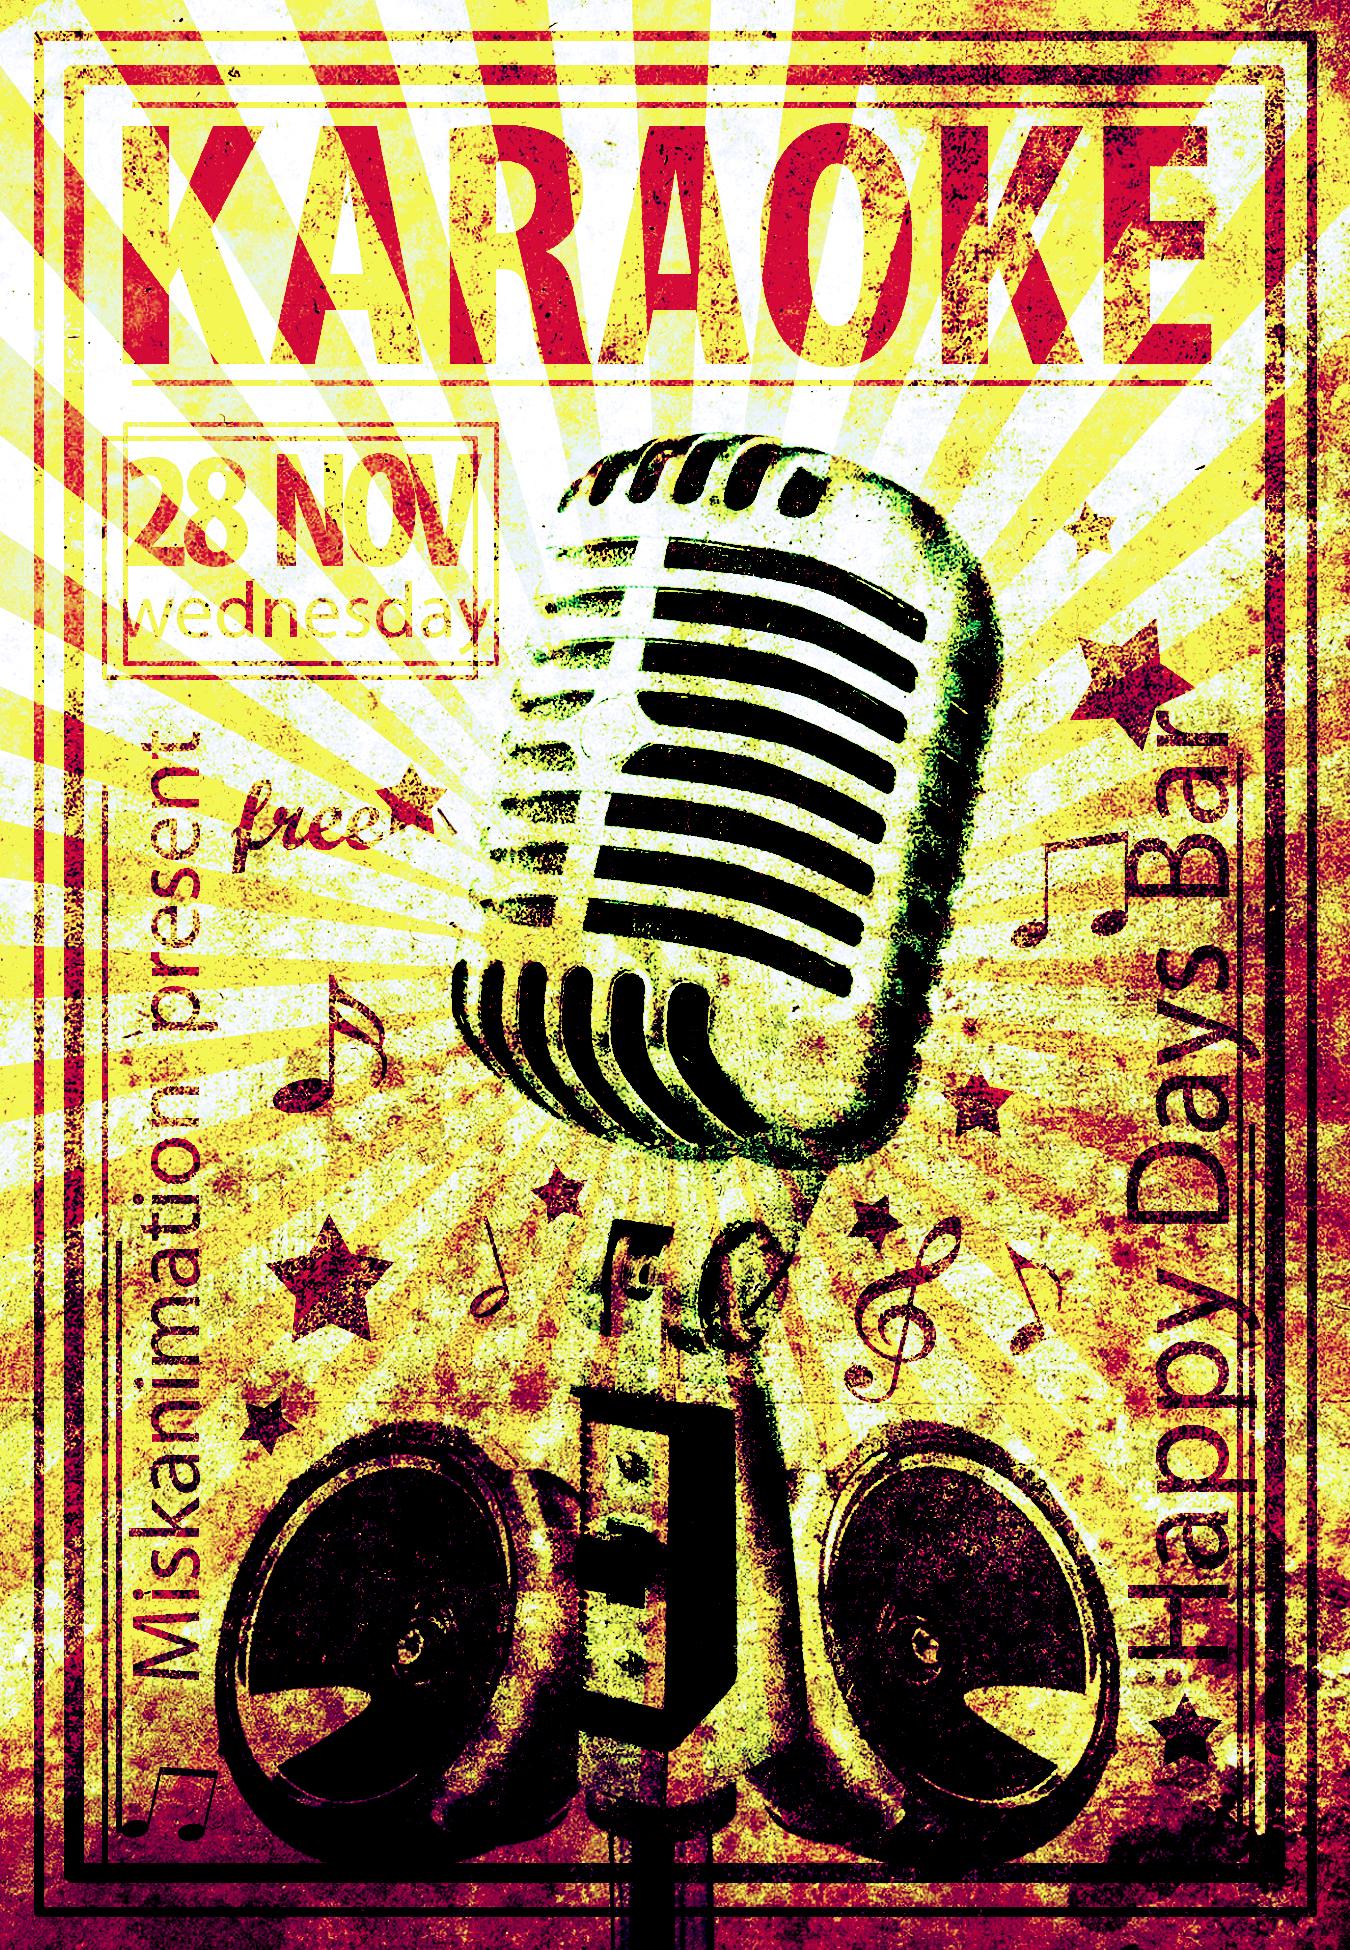 karaoke-happy-days-flyer-1l